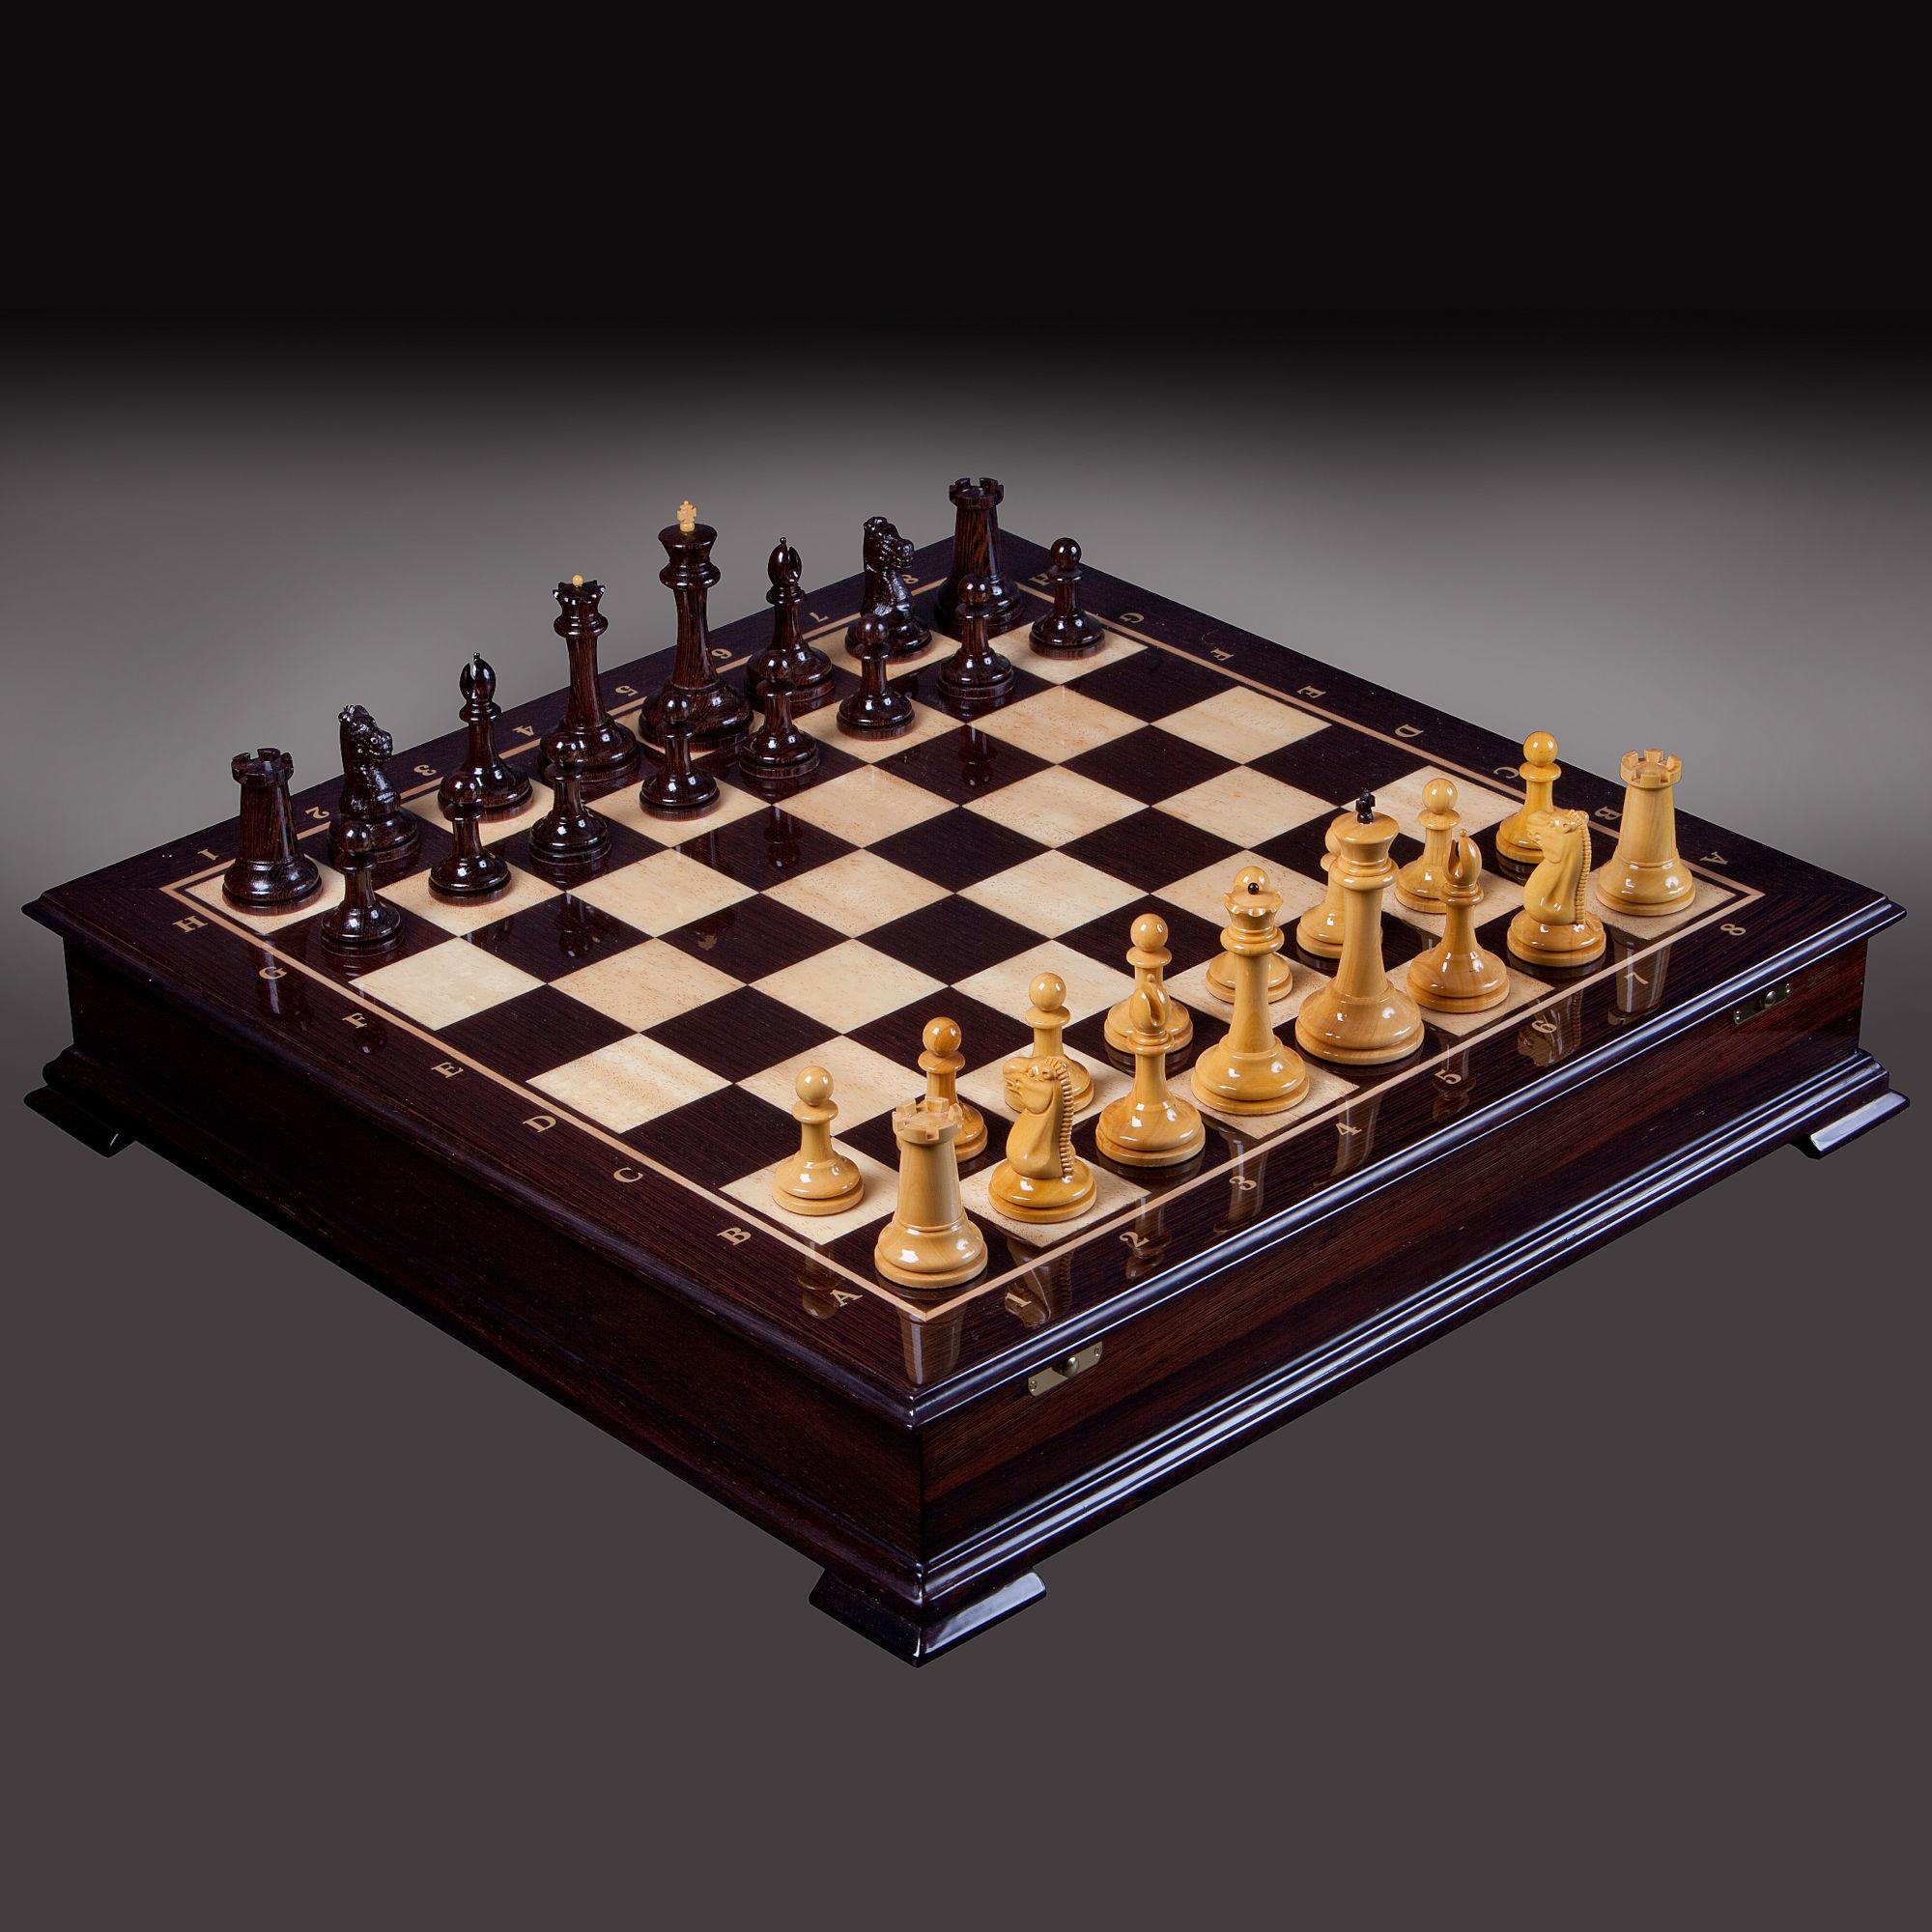 Шахматы «Стаунтон» Самшит-Венге классические